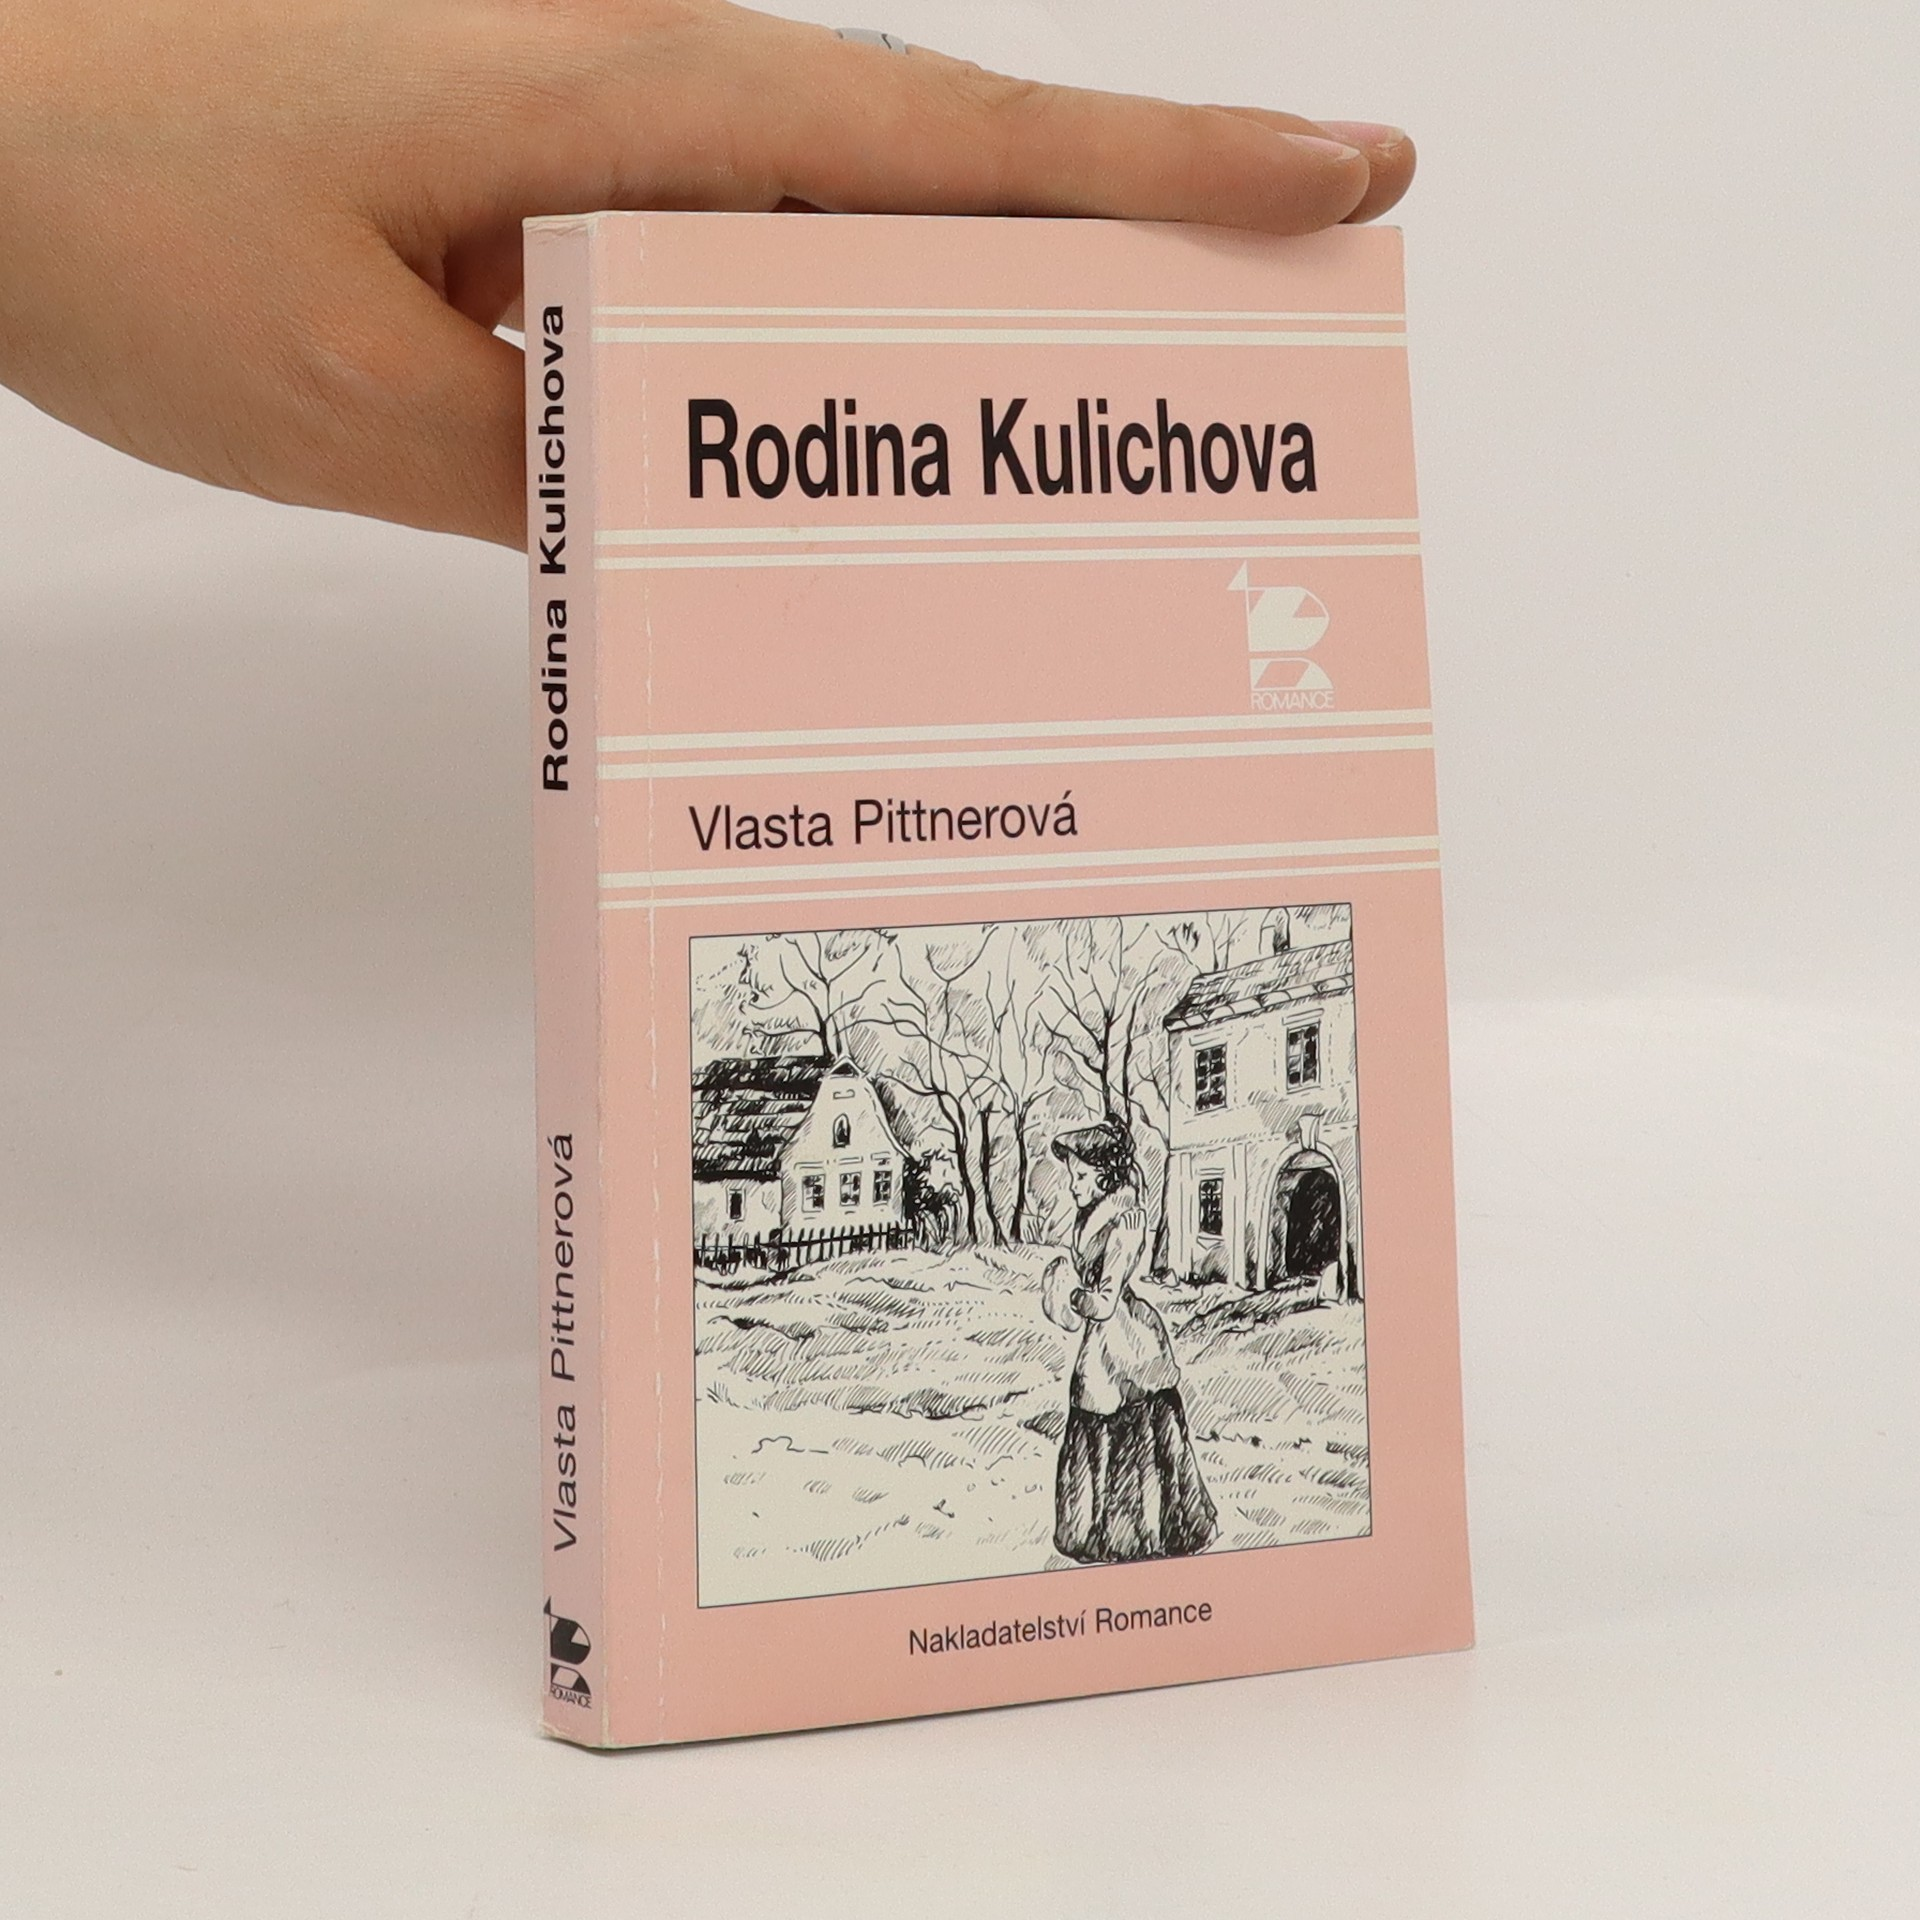 antikvární kniha Rodina Kulichova, 1998